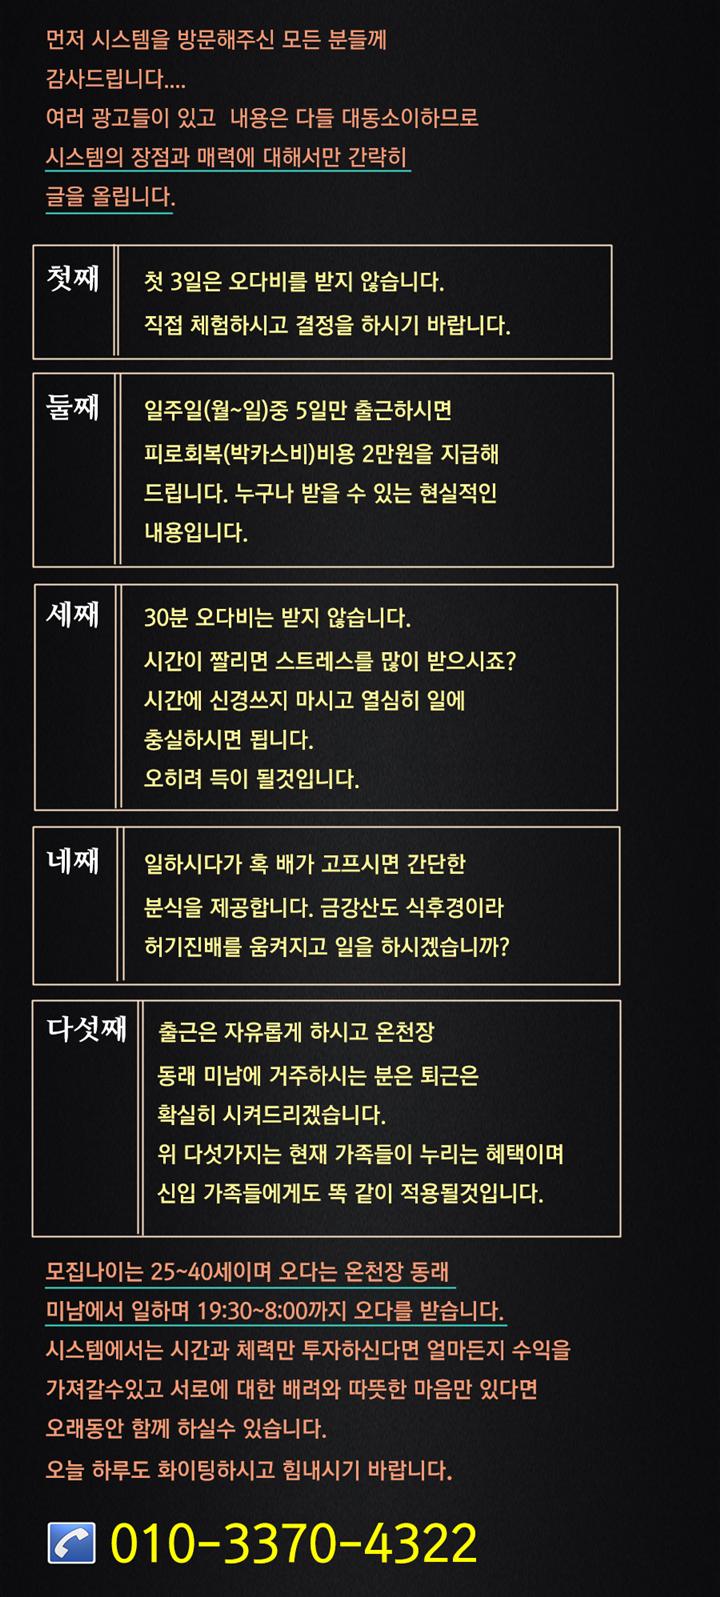 나나알바 서울강남구스타일 밤알바 룸알바 유흥알바